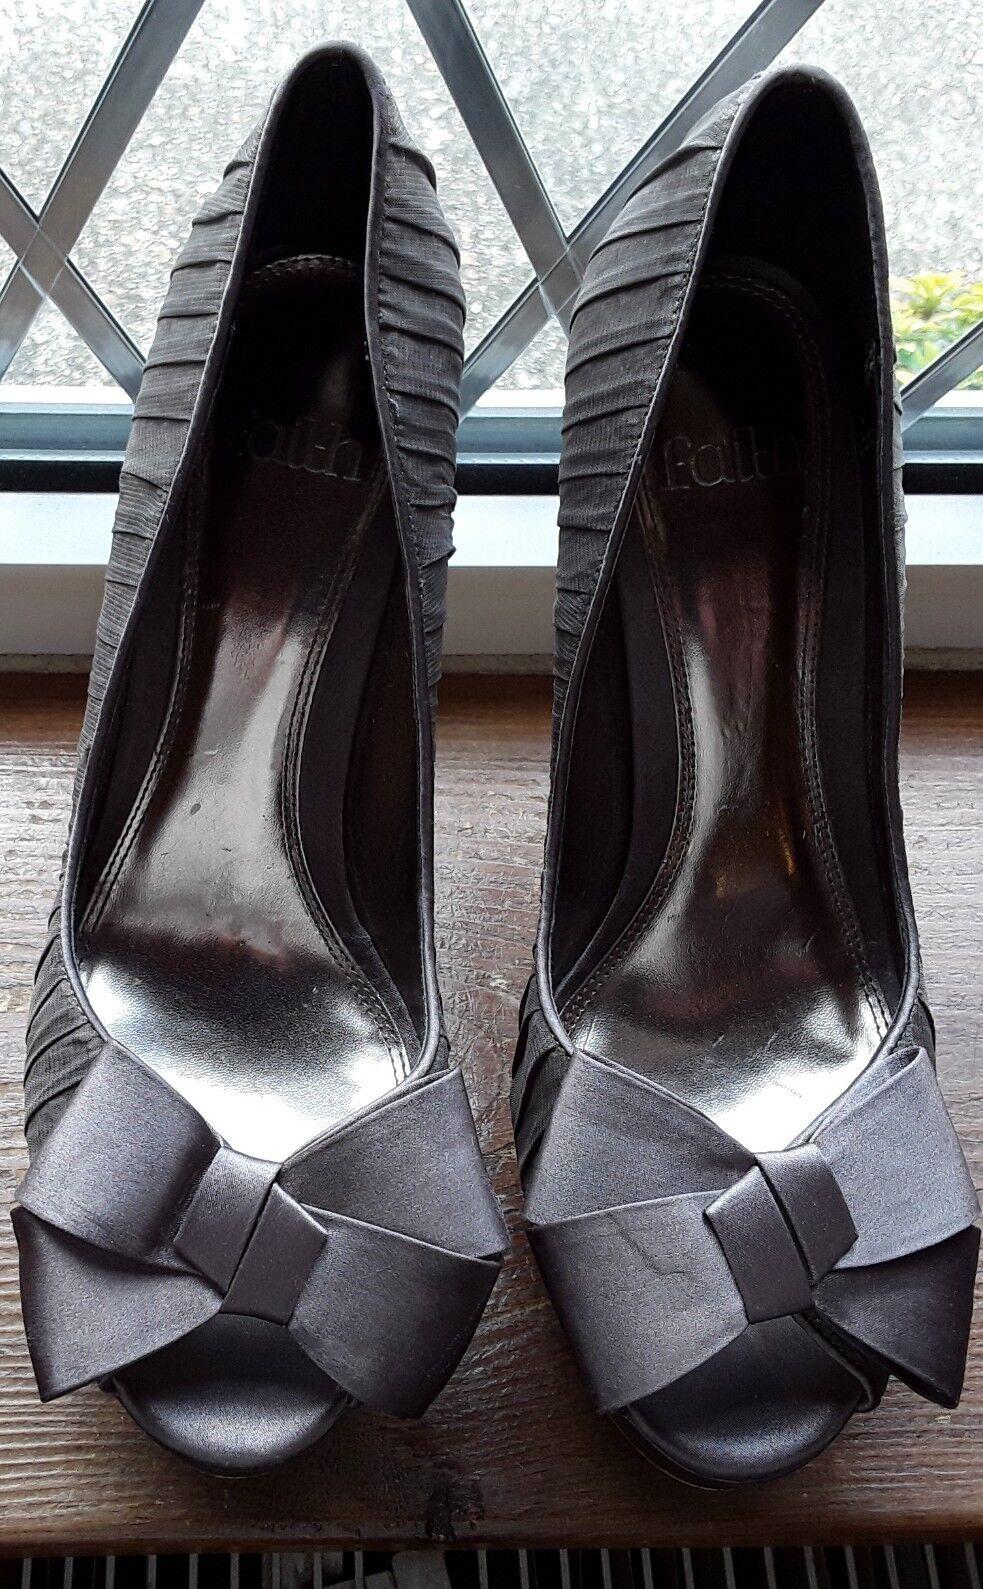 Satin Bow Sequined Peep Toe Stillettos FAITH Size 7